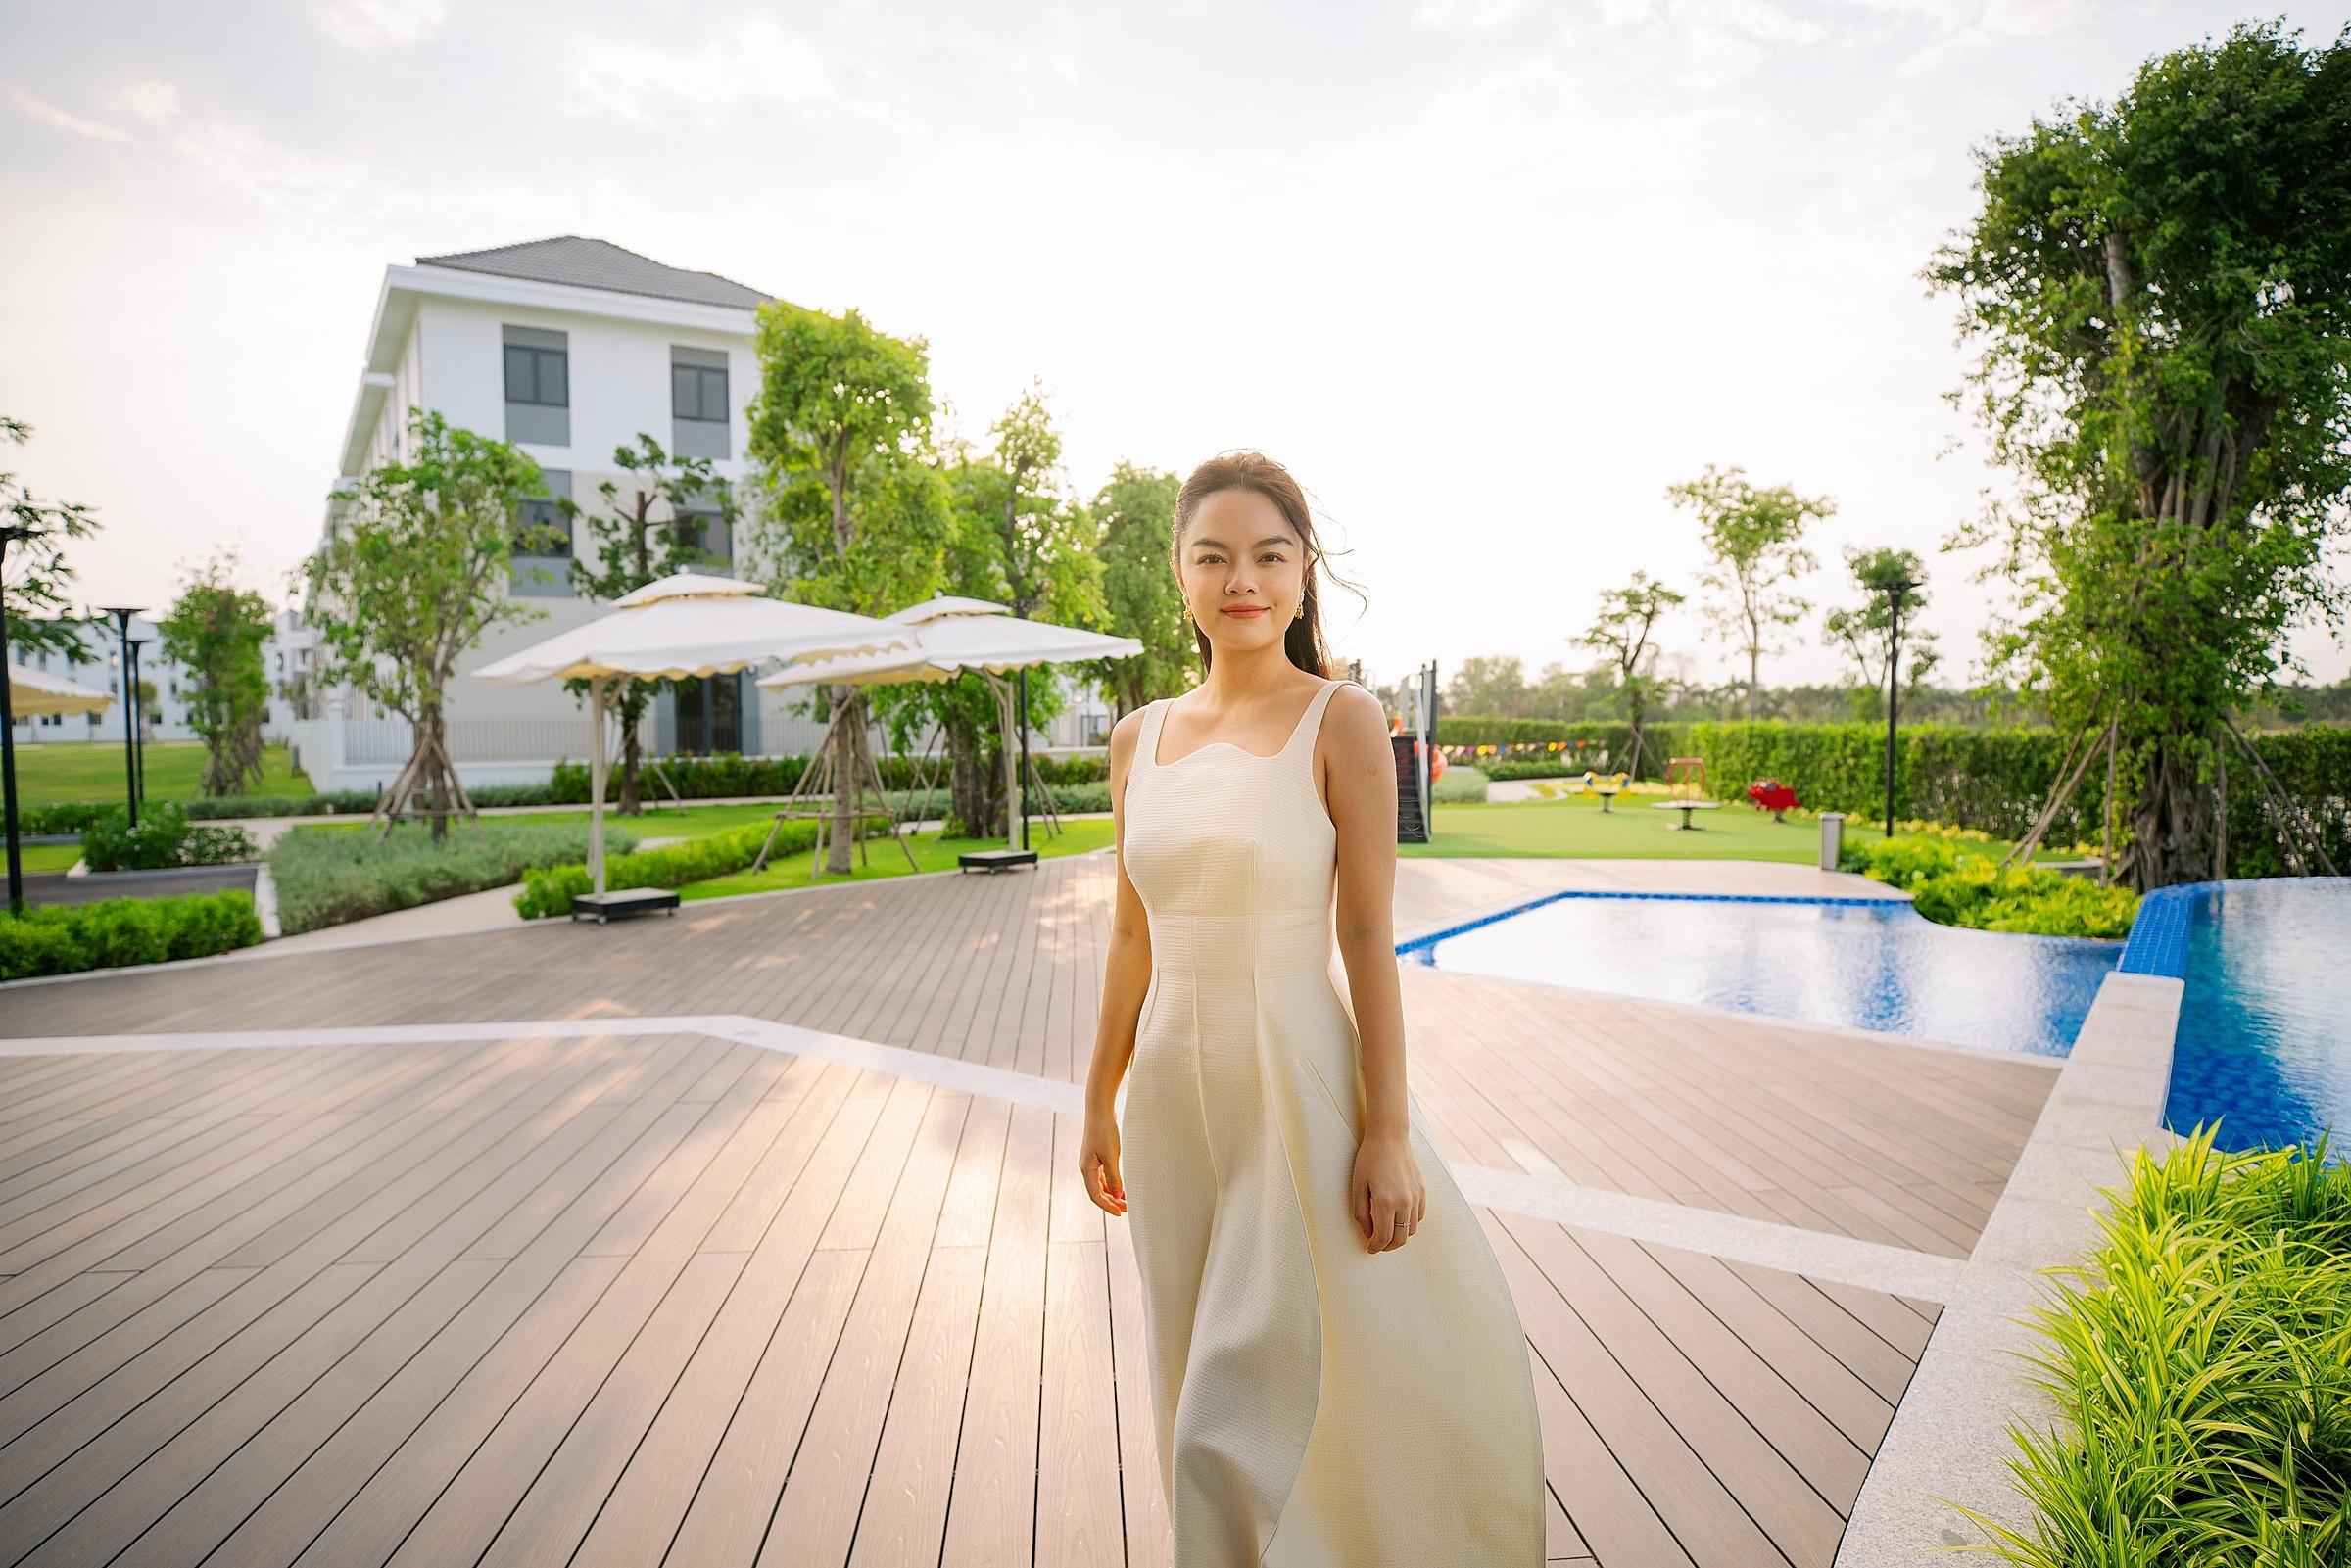 Không gian sống xanh mát tại Aqua City và hai con là cảm hứng sáng tạo nghệ thuật của Phạm Quỳnh Anh. Ảnh: Novaland.